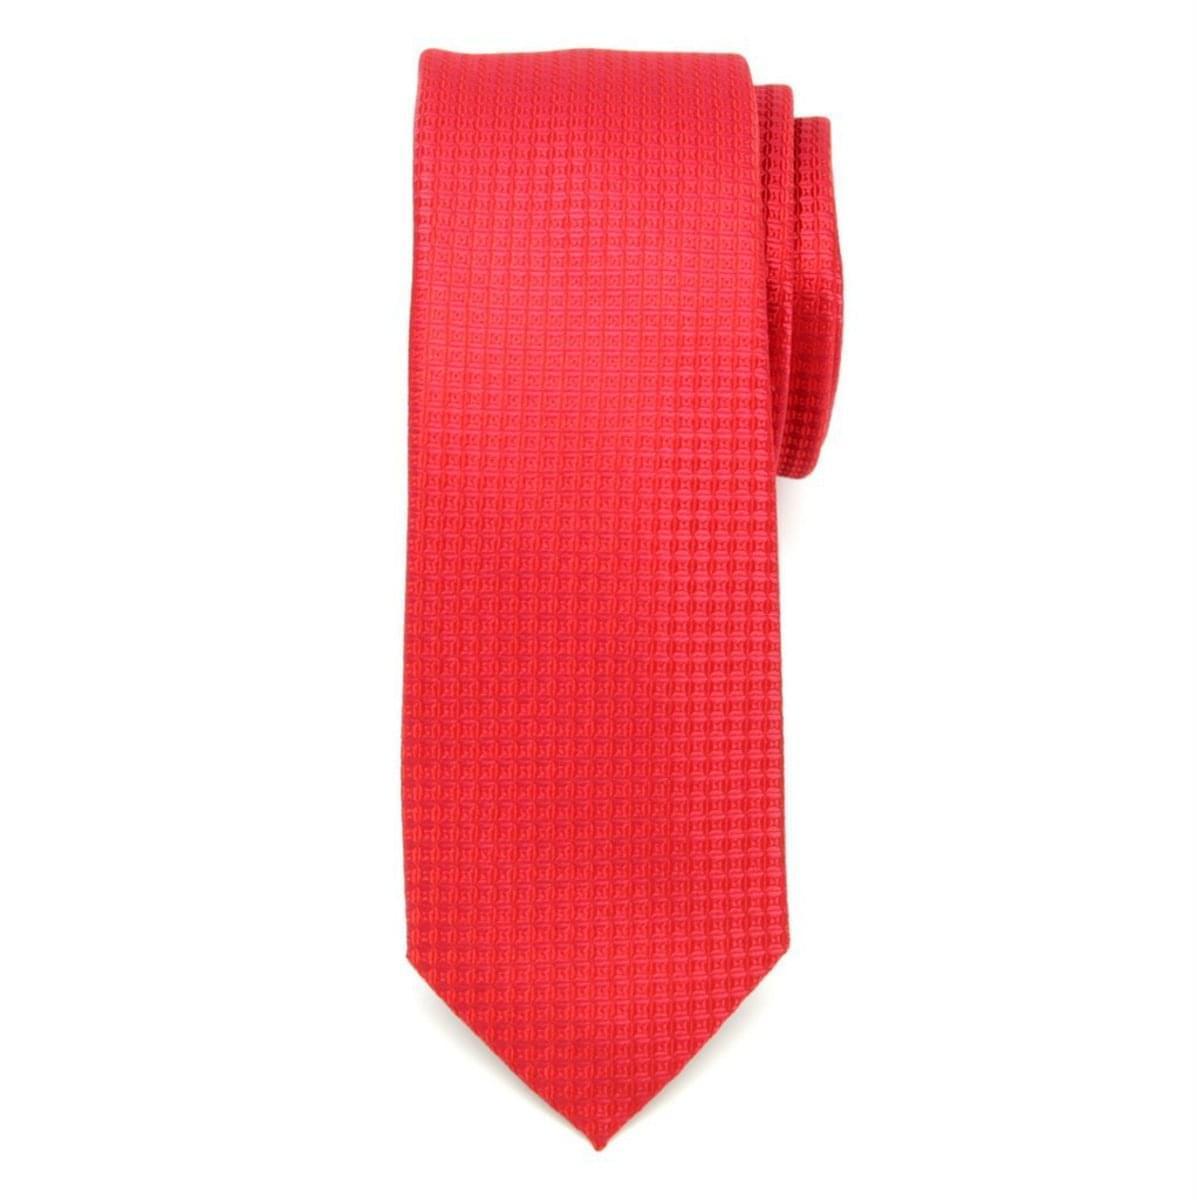 Úzká kravata (vzor 1009)4161